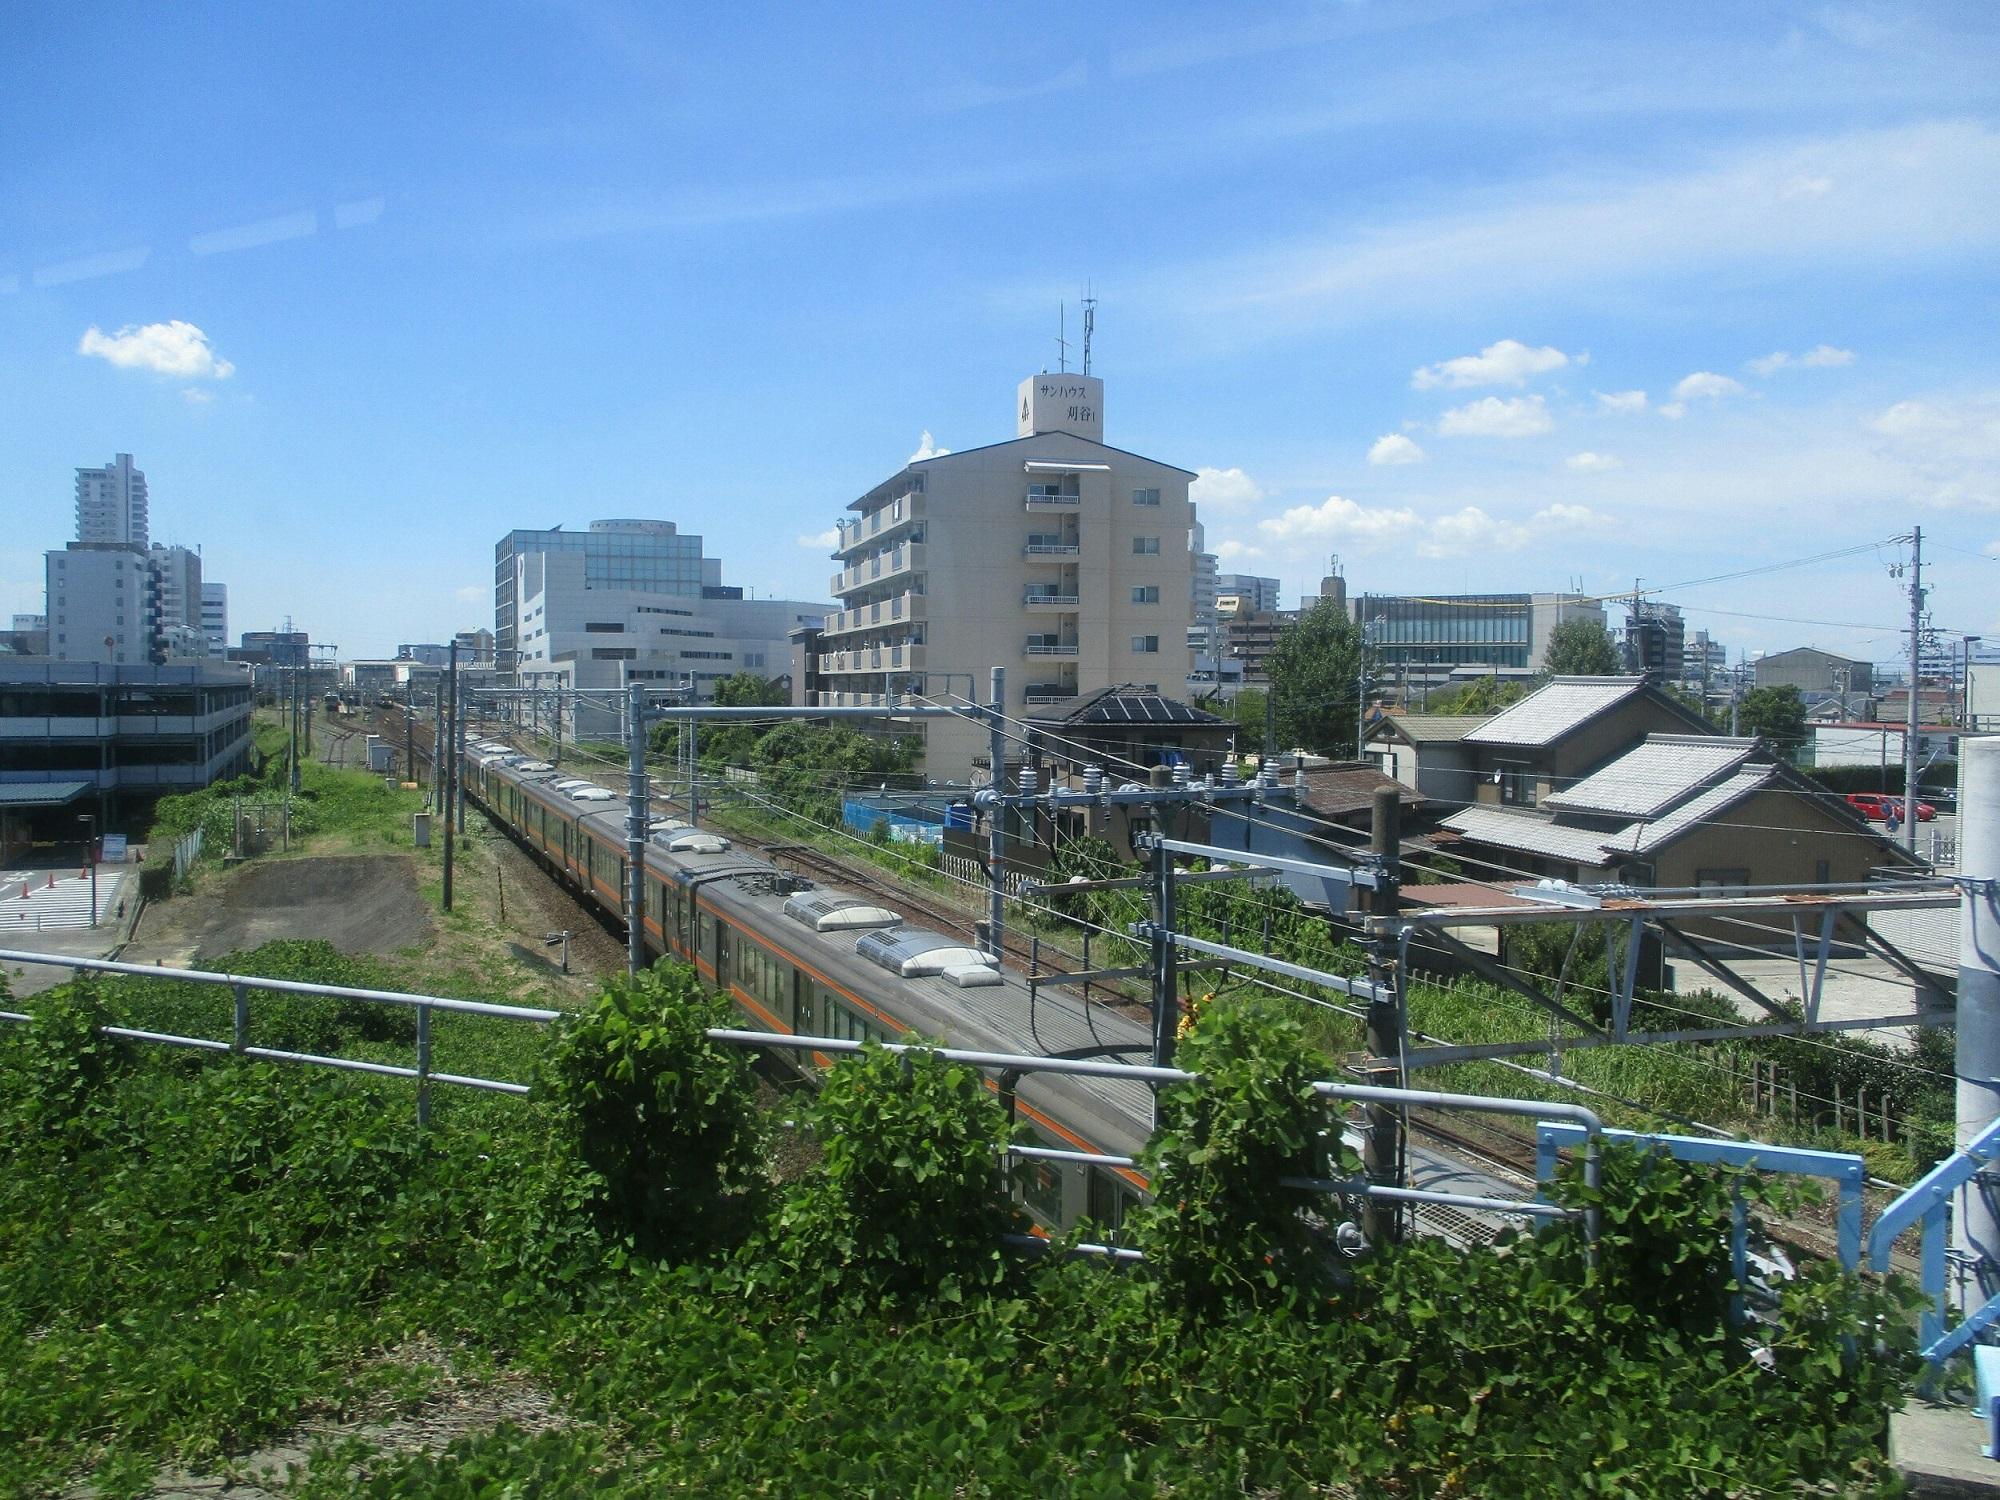 2018.7.22 (6) 碧南いきふつう - 東海道線ごえ 2000-1500